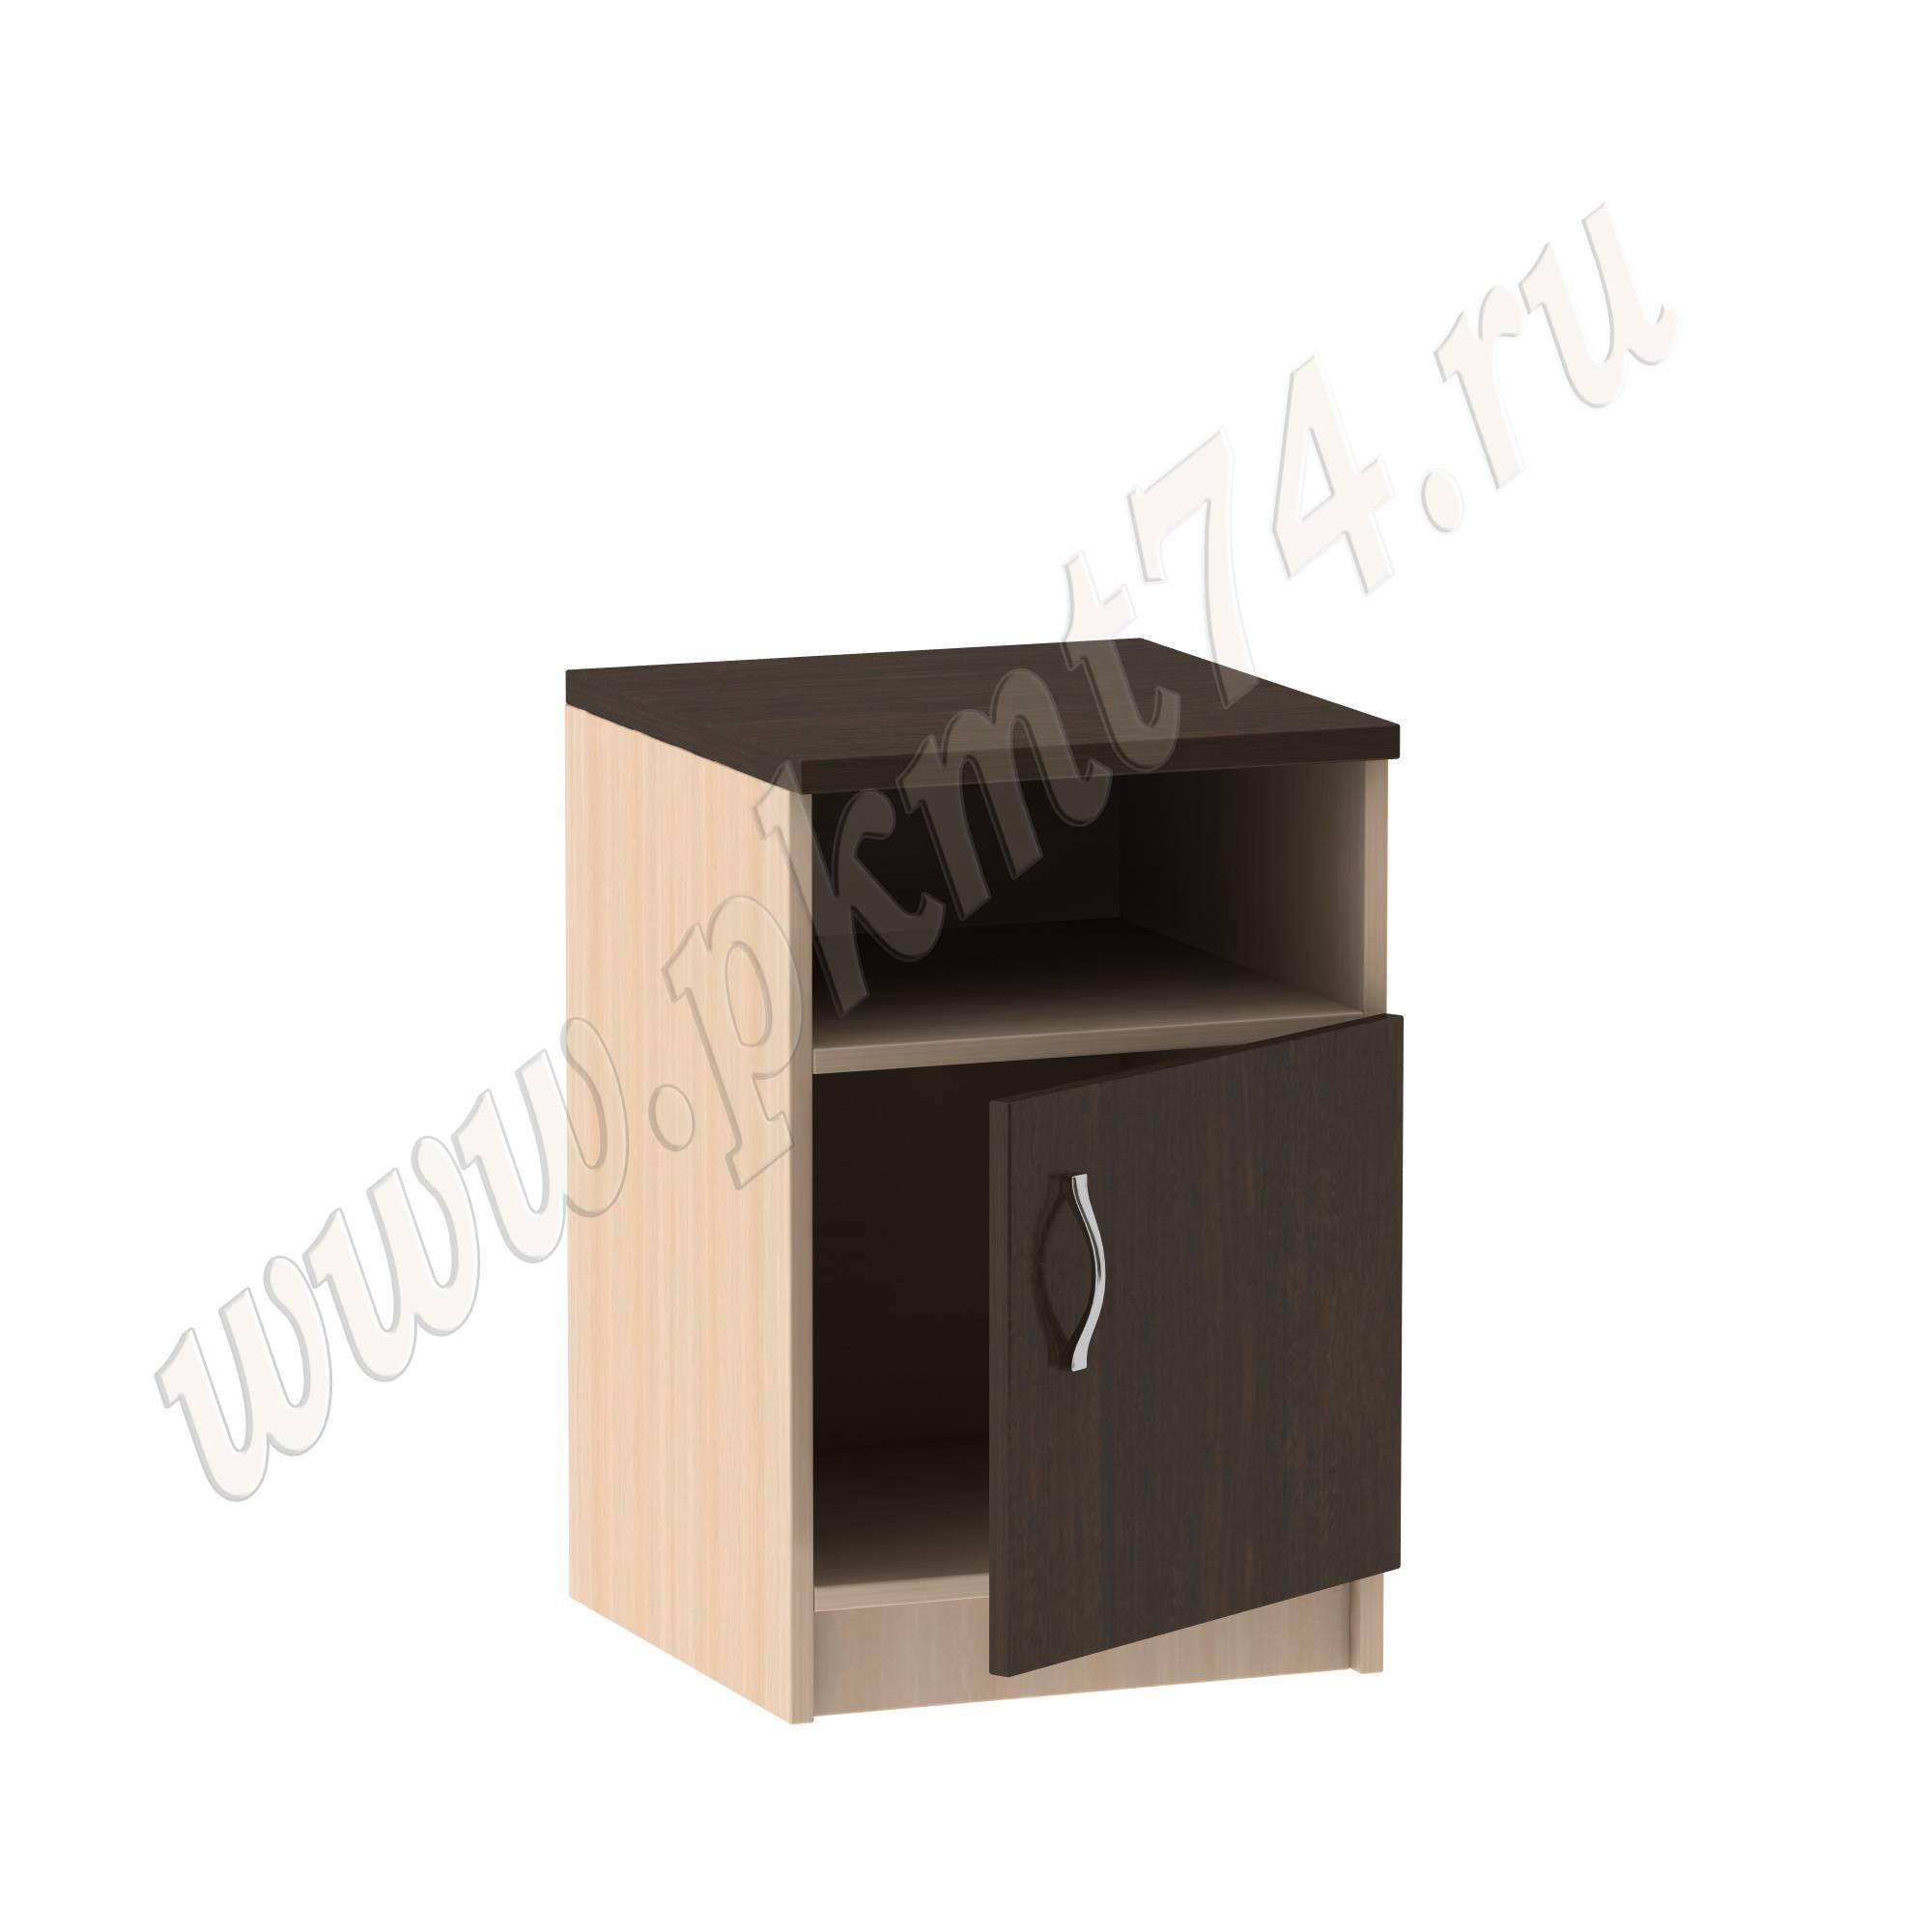 Тумба с нишей и дверкой для офиса [Стандартный цвет:: Орех; Цвета ЛДСП на выбор:: Молочный-Венге]